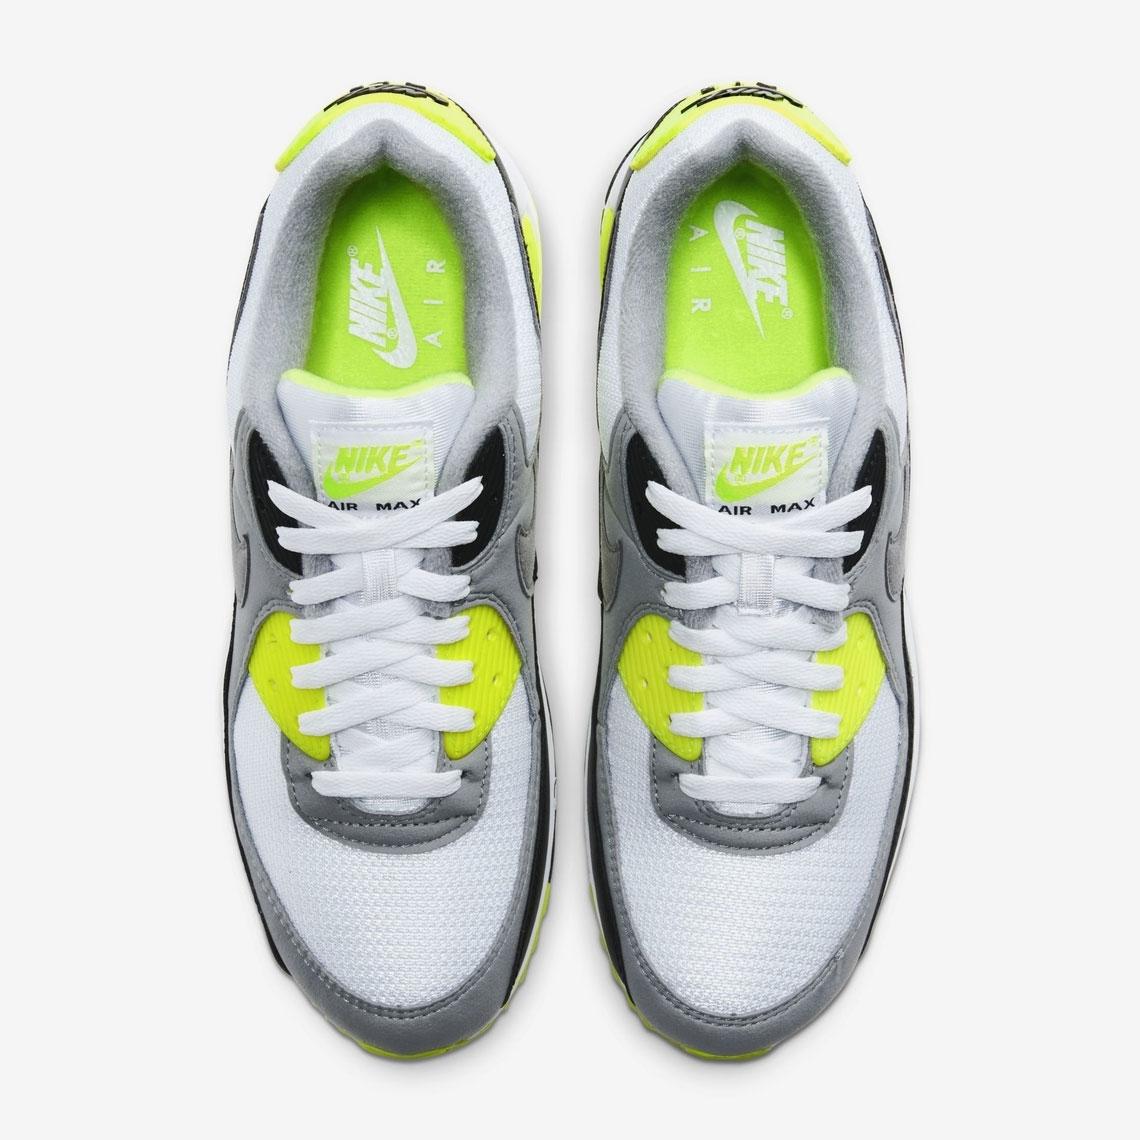 Adiccion Transporte Hermanos  Nike está reviviendo la forma original Air Max 90 para el próximo 30  aniversario – Gamarra® Sitio Oficial